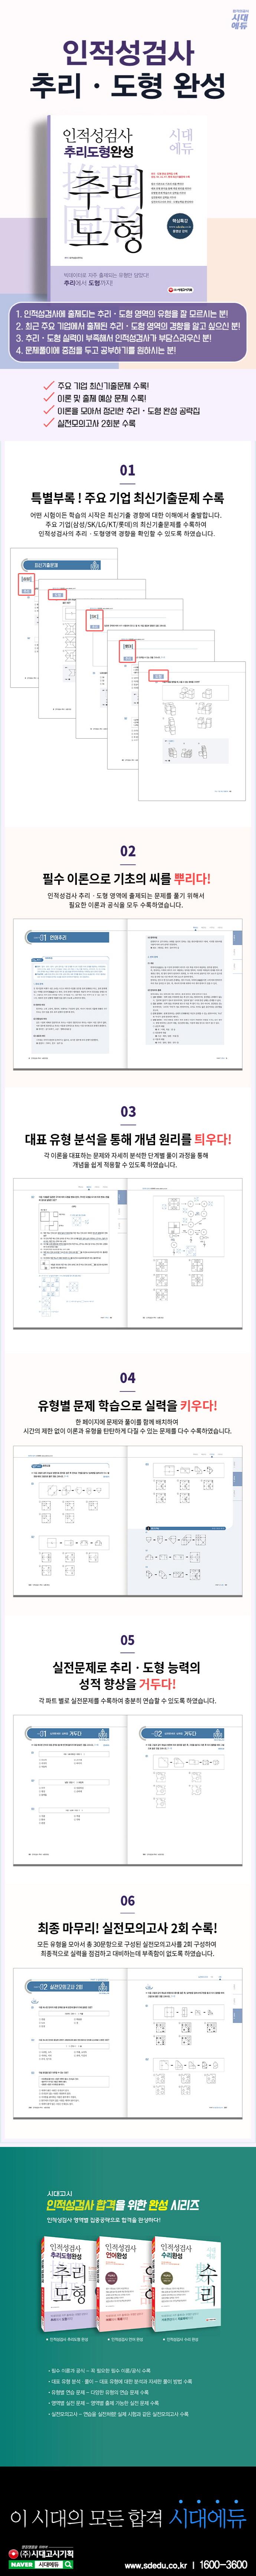 인적성검사 추리 도형 완성 도서 상세이미지